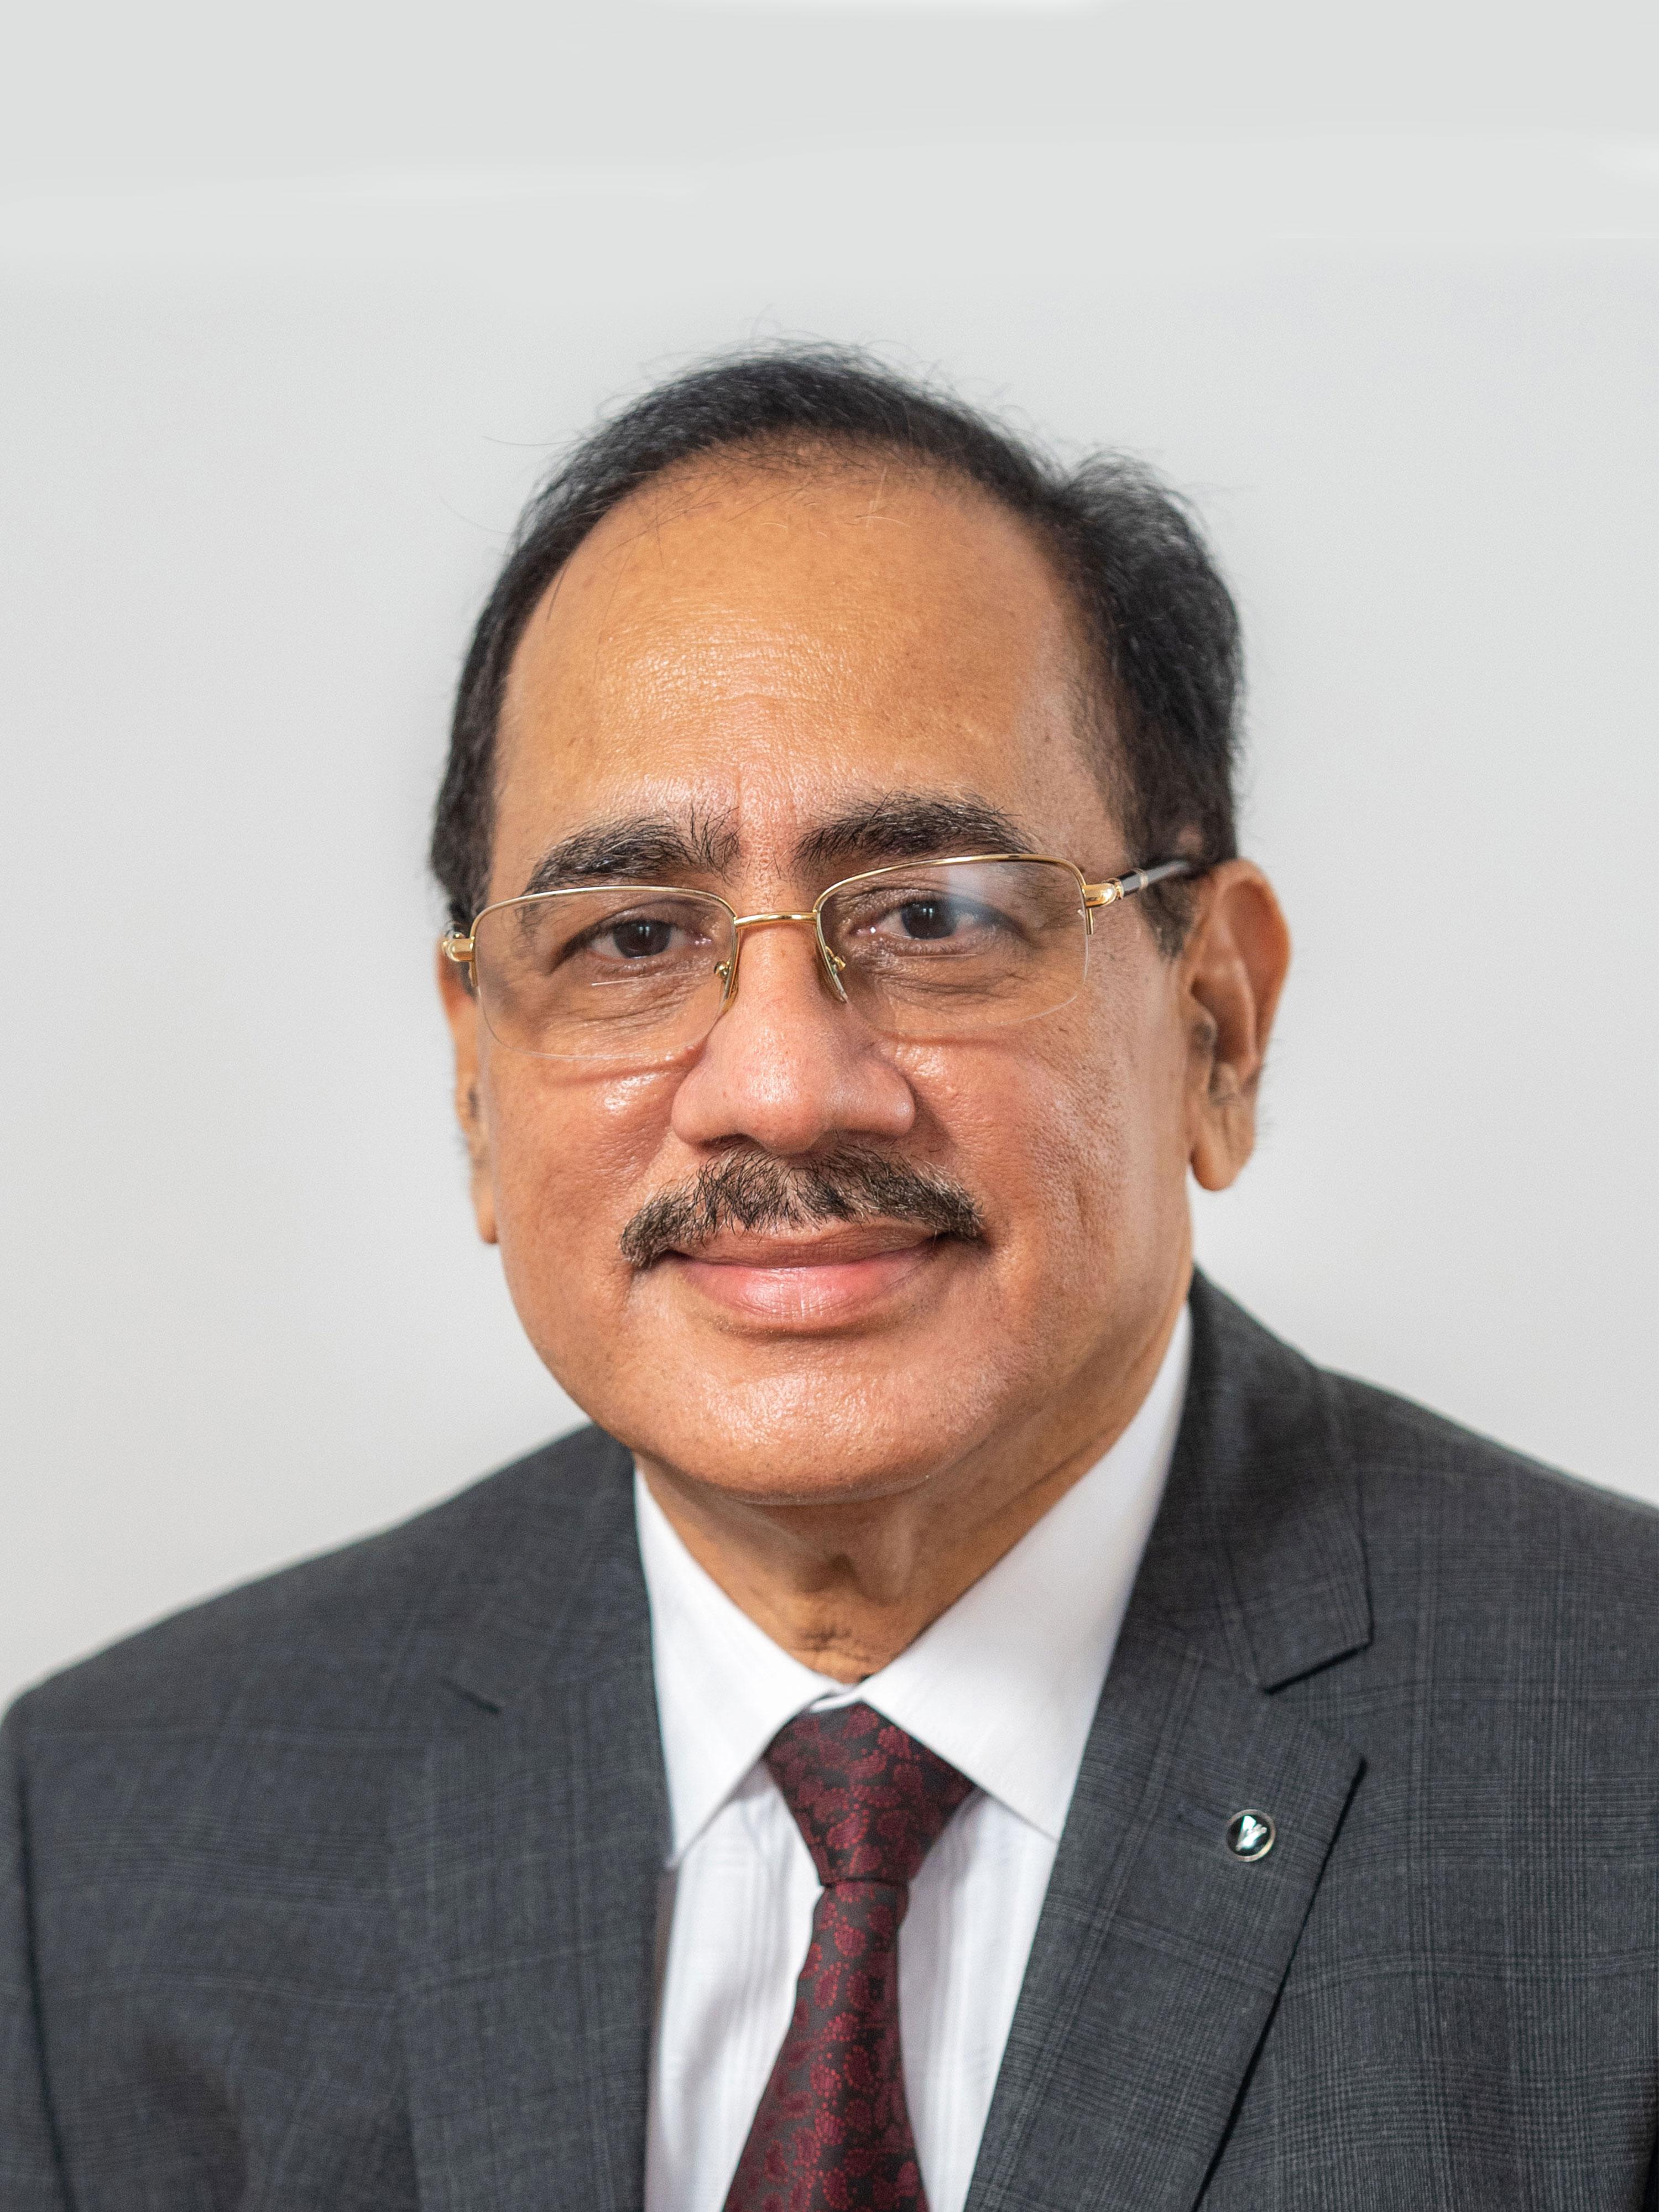 Mr. Rama Raju Unique BioTech